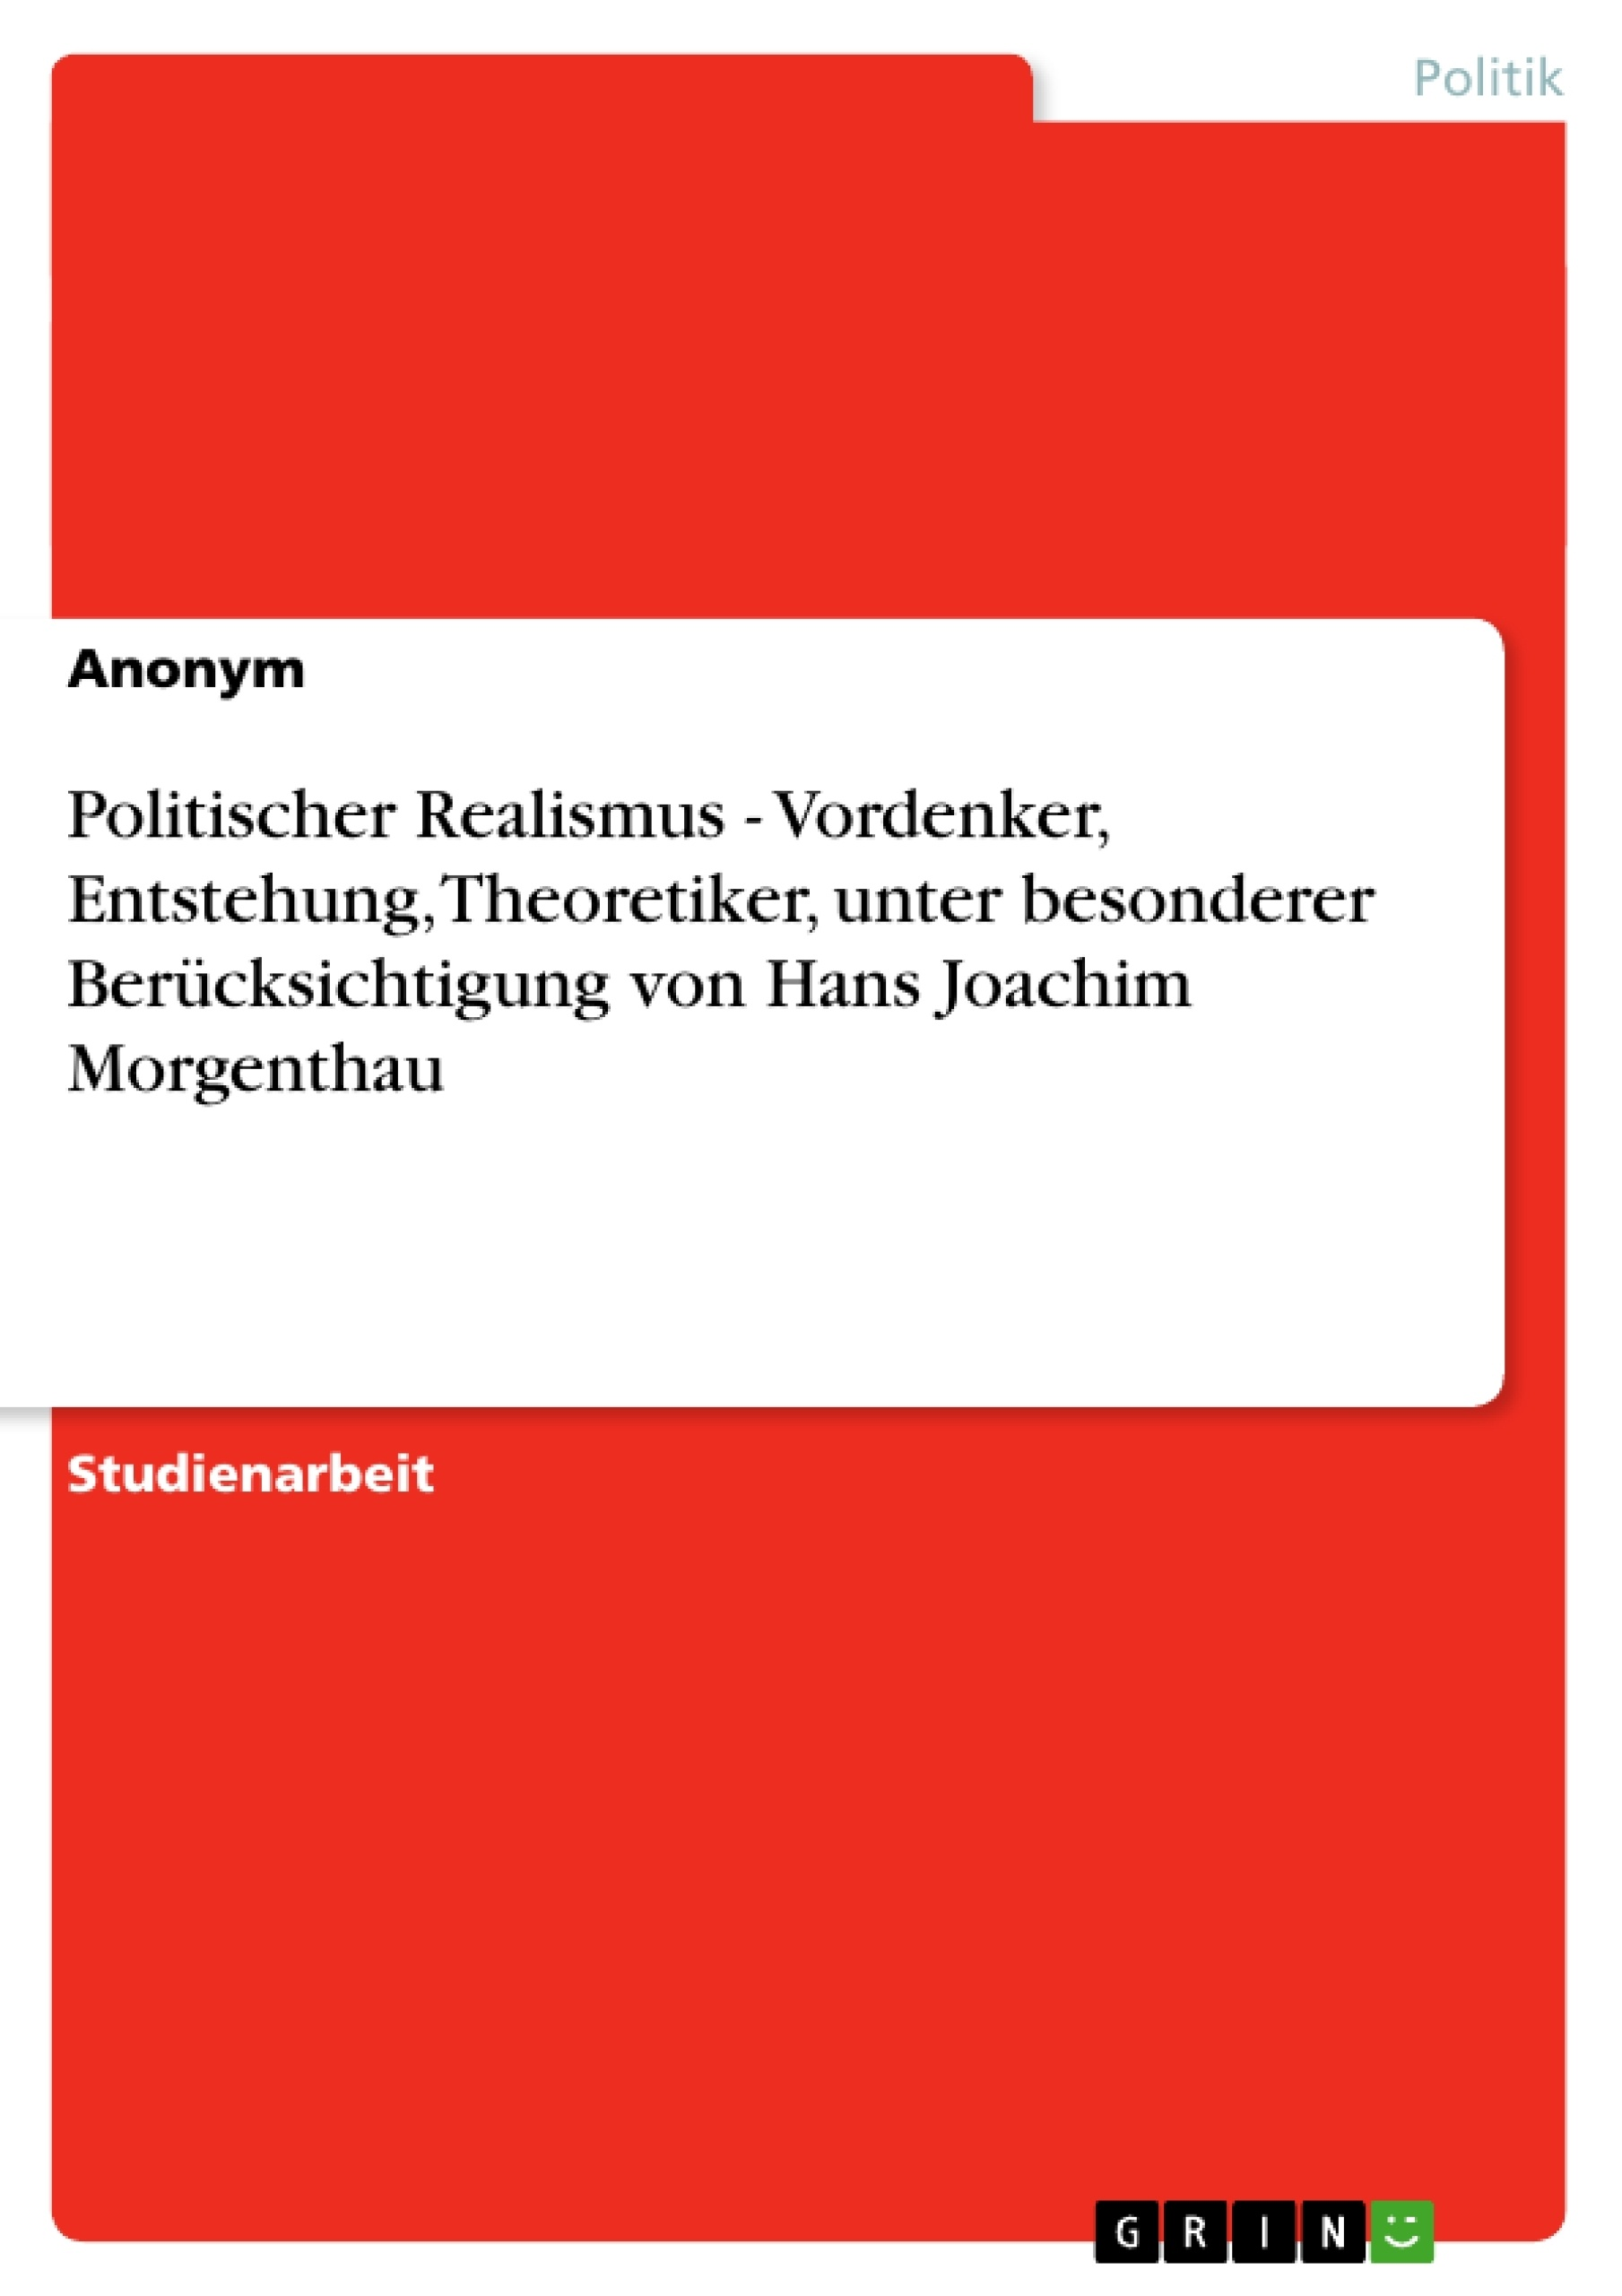 Titel: Politischer Realismus - Vordenker, Entstehung, Theoretiker, unter besonderer Berücksichtigung von Hans Joachim Morgenthau